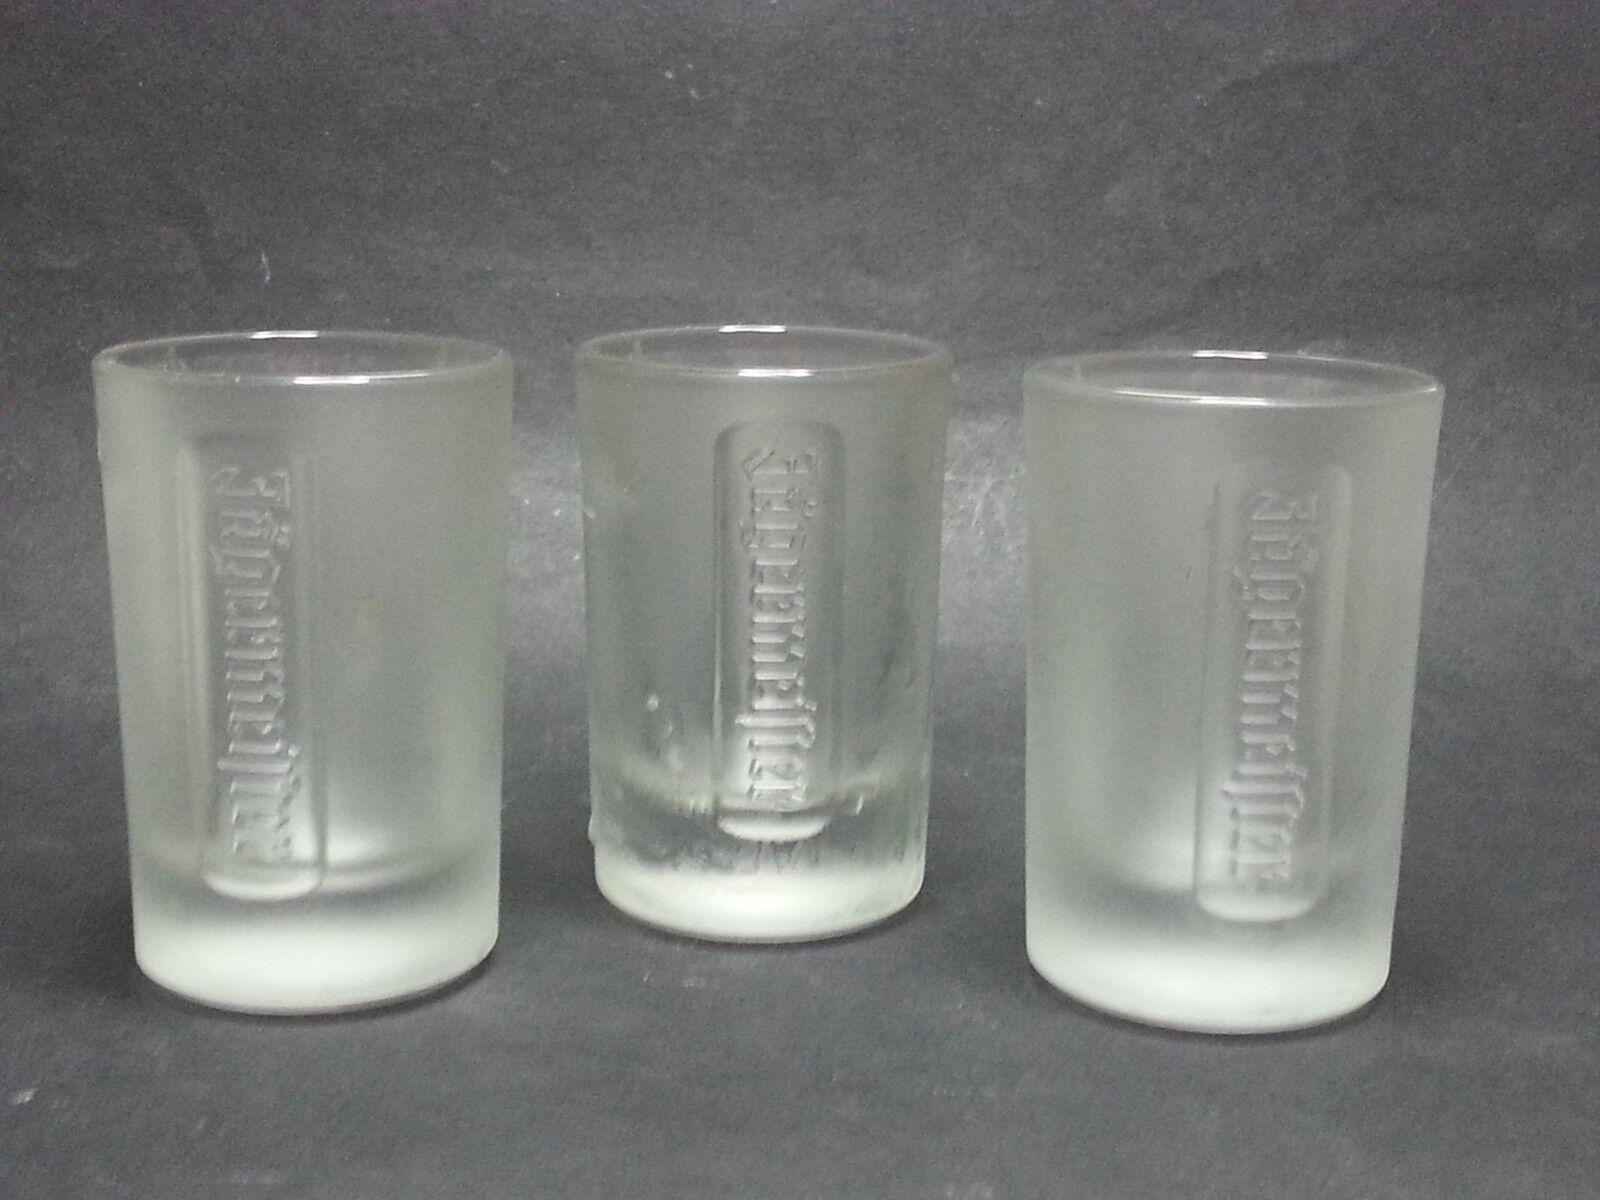 SET TOTAL 3 Frosted Jagermeister Jager Shot Glasses Germany